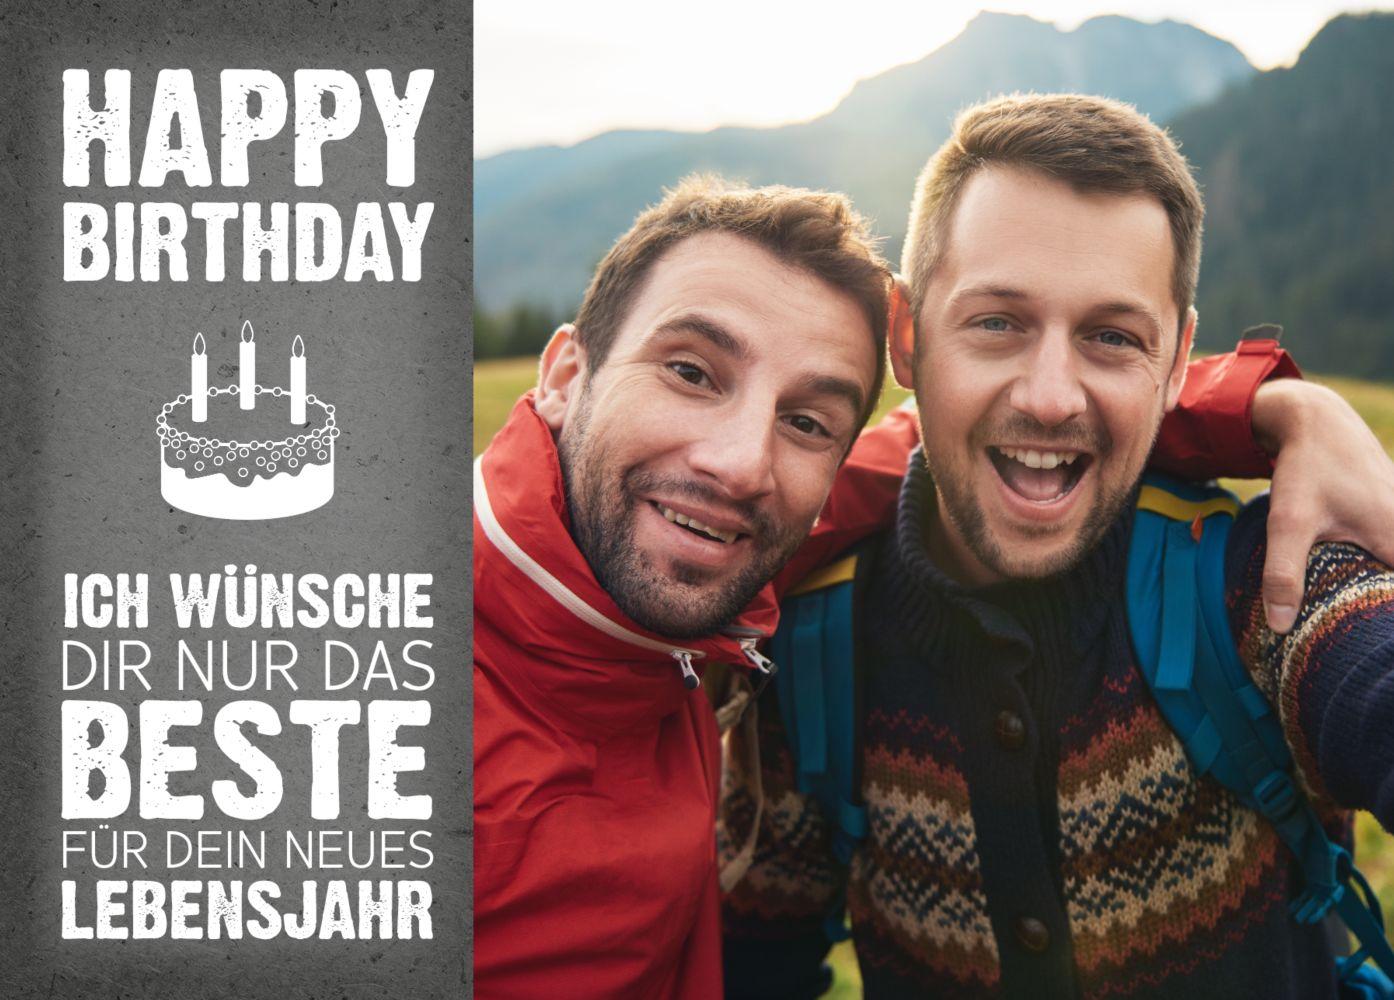 Ansicht 2 - Glückwunschkarte zum Geburtstag Torte